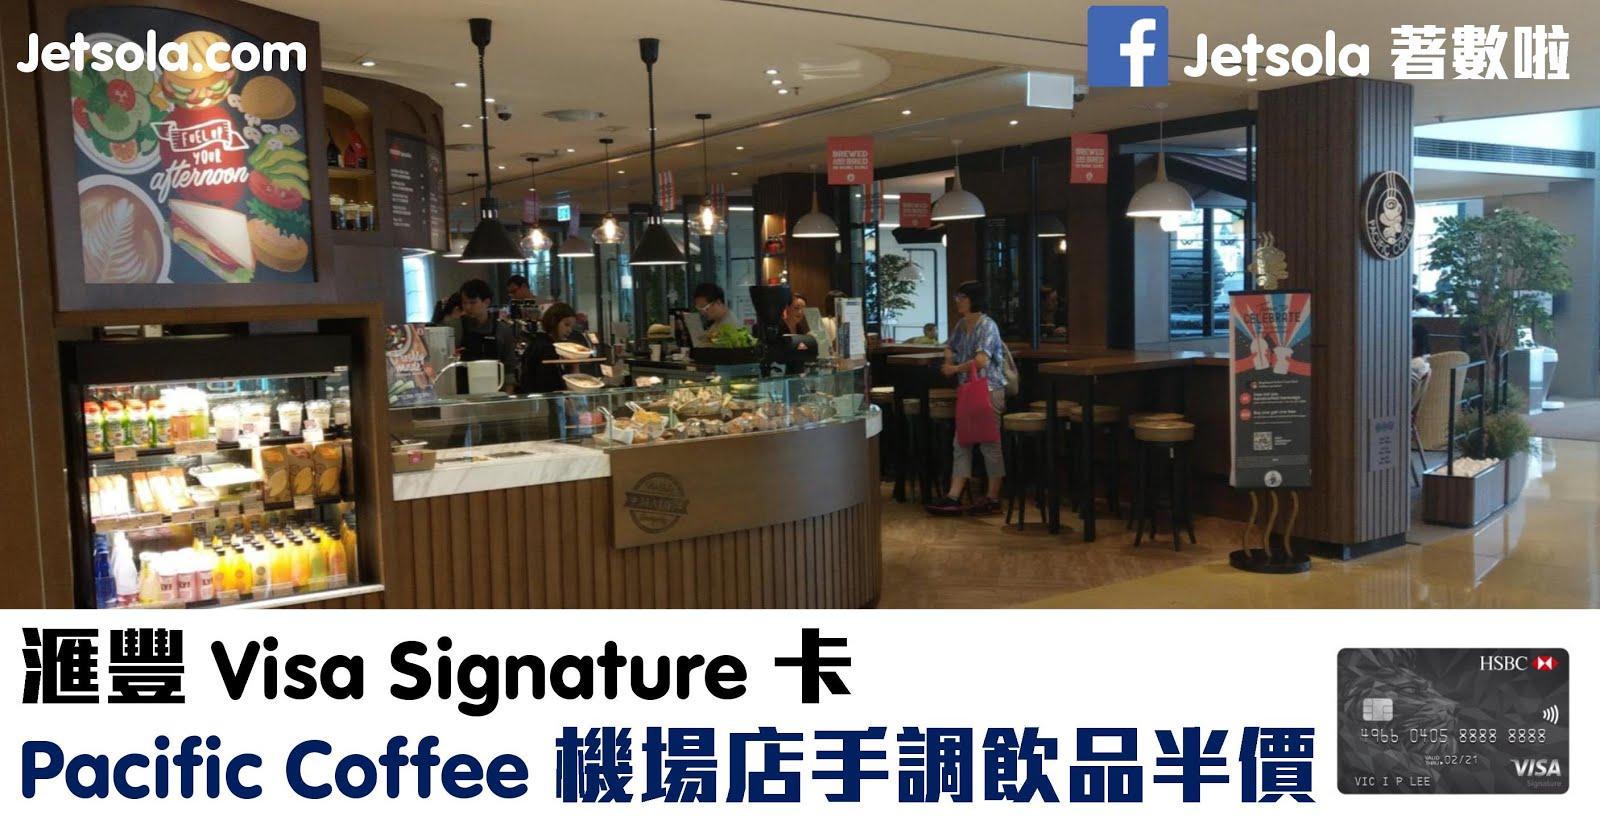 Pacific Coffee機場店 HSBC滙豐Visa Signature卡手調飲品半價優惠 2018 - Jetsola 著數啦